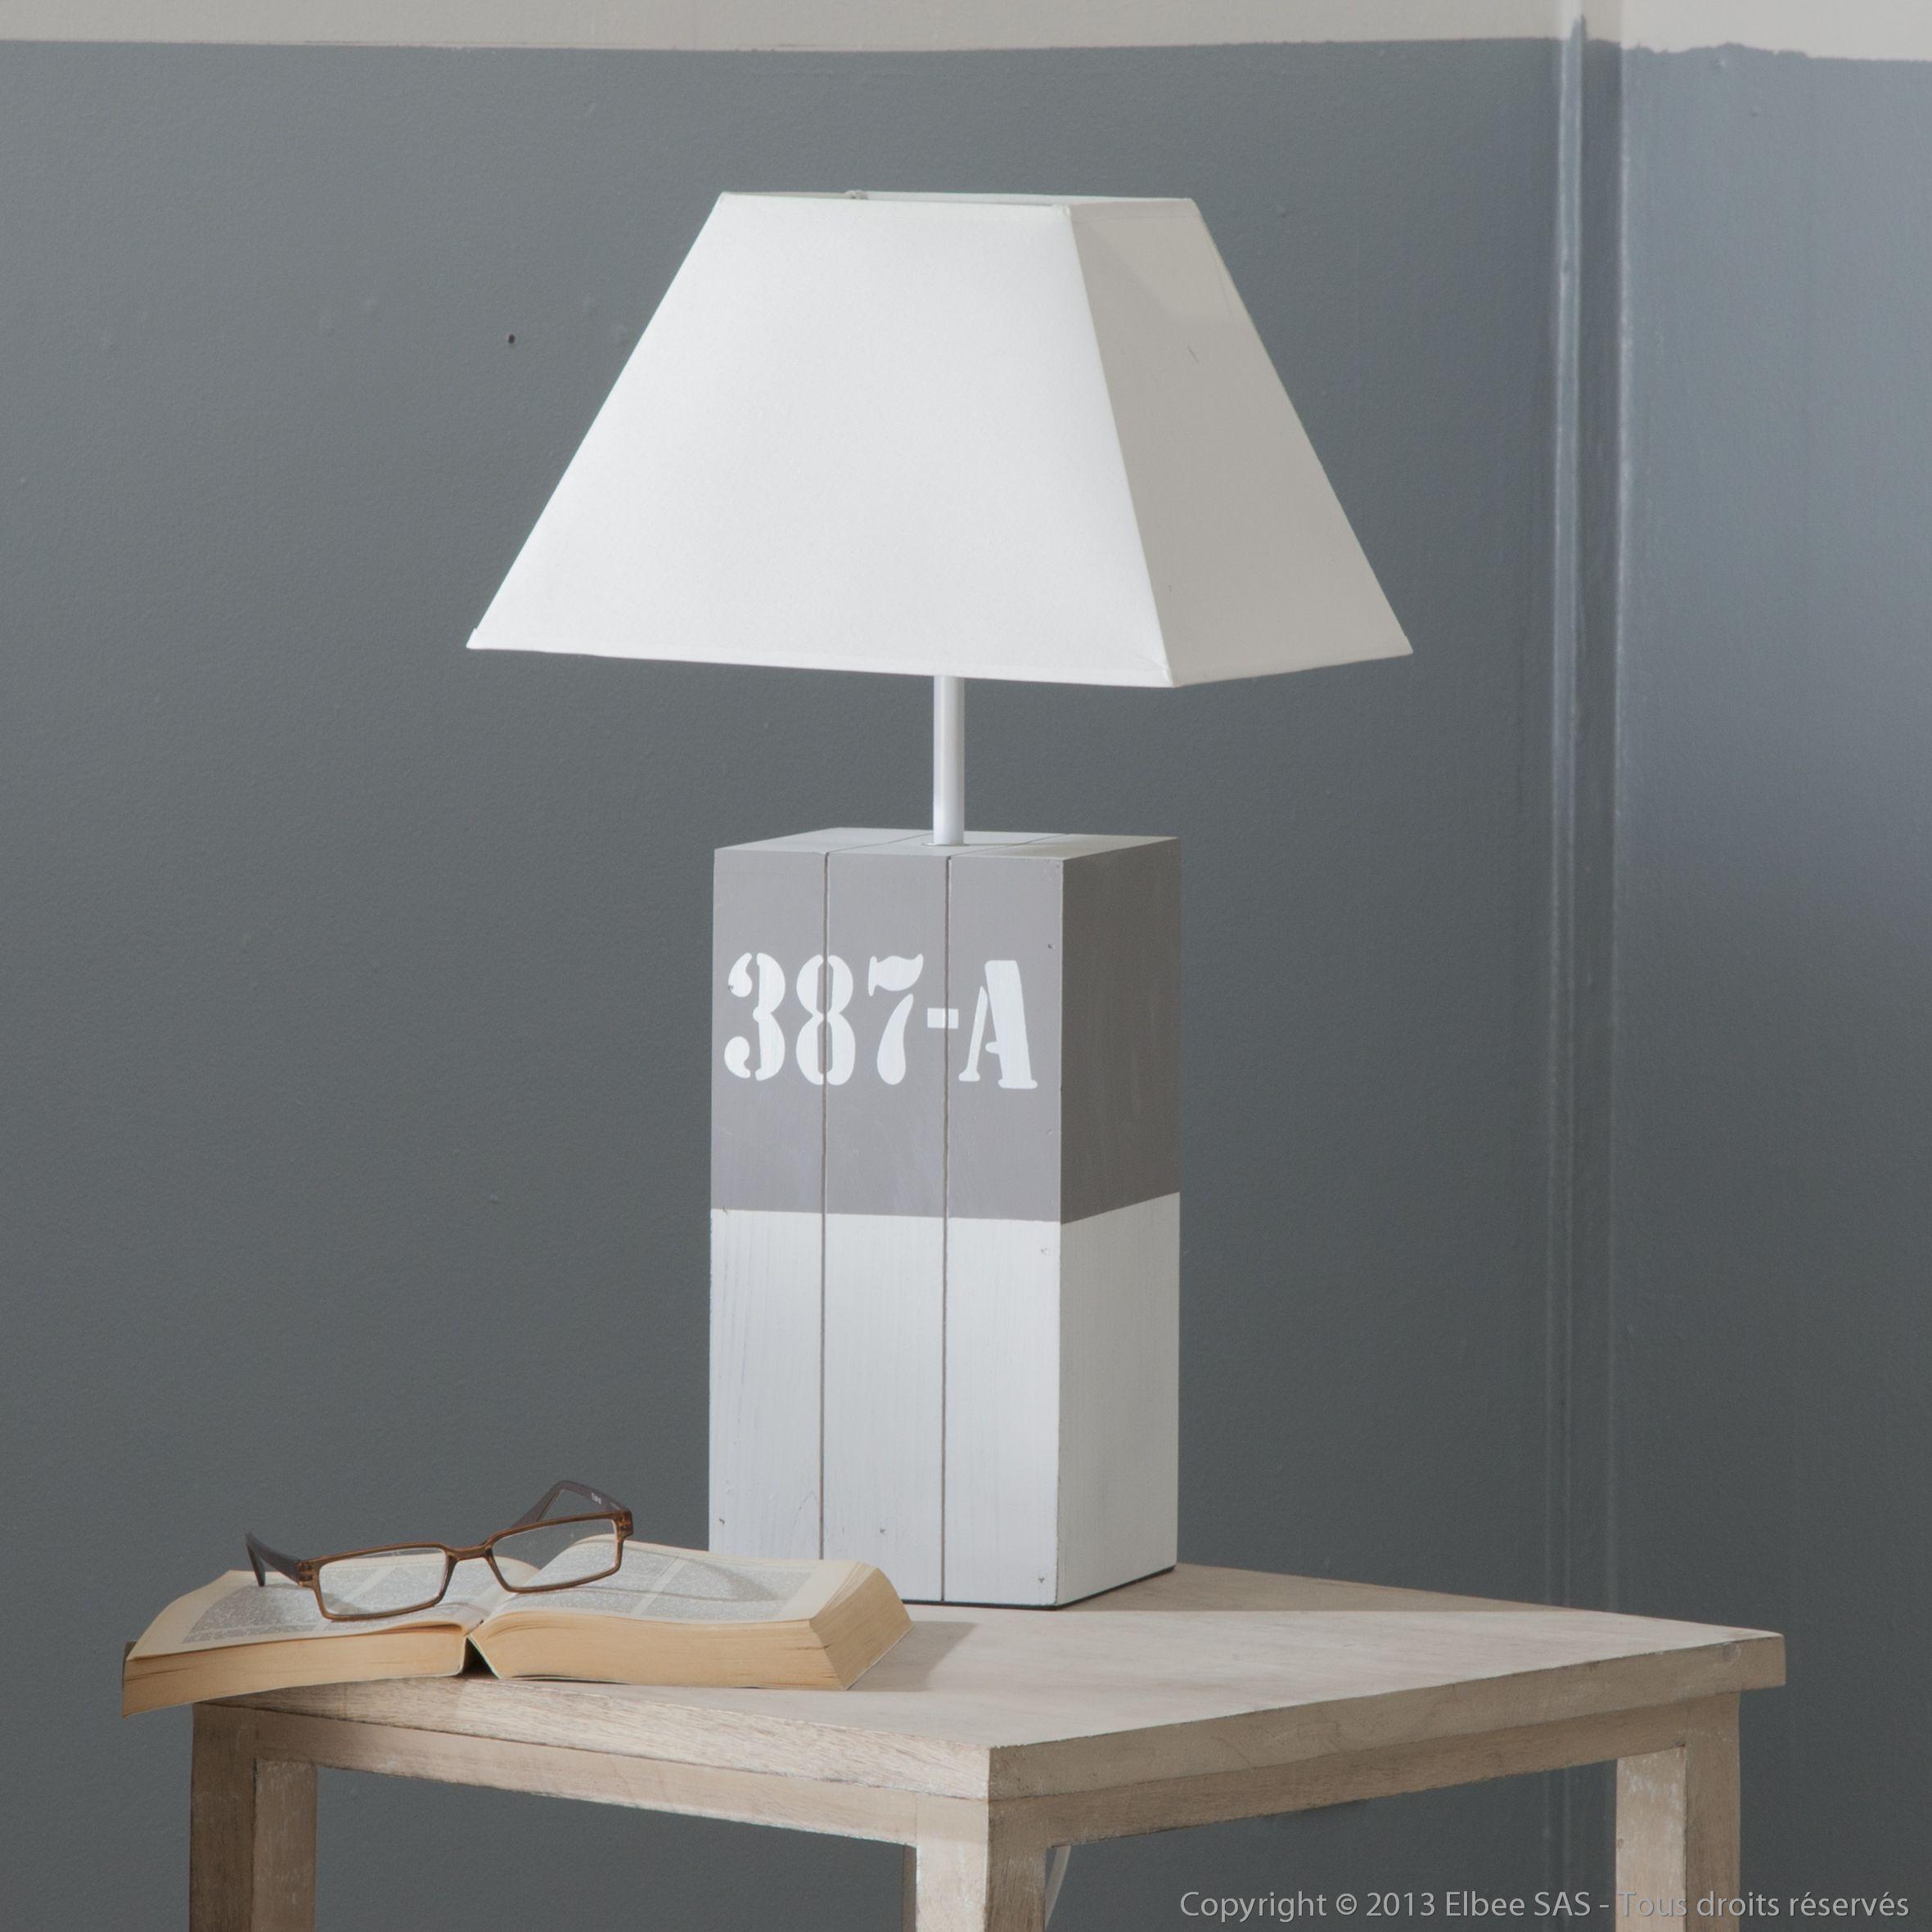 cette lampe poser havana trouvera forc ment sa place chez vous sa structure en bois et son. Black Bedroom Furniture Sets. Home Design Ideas